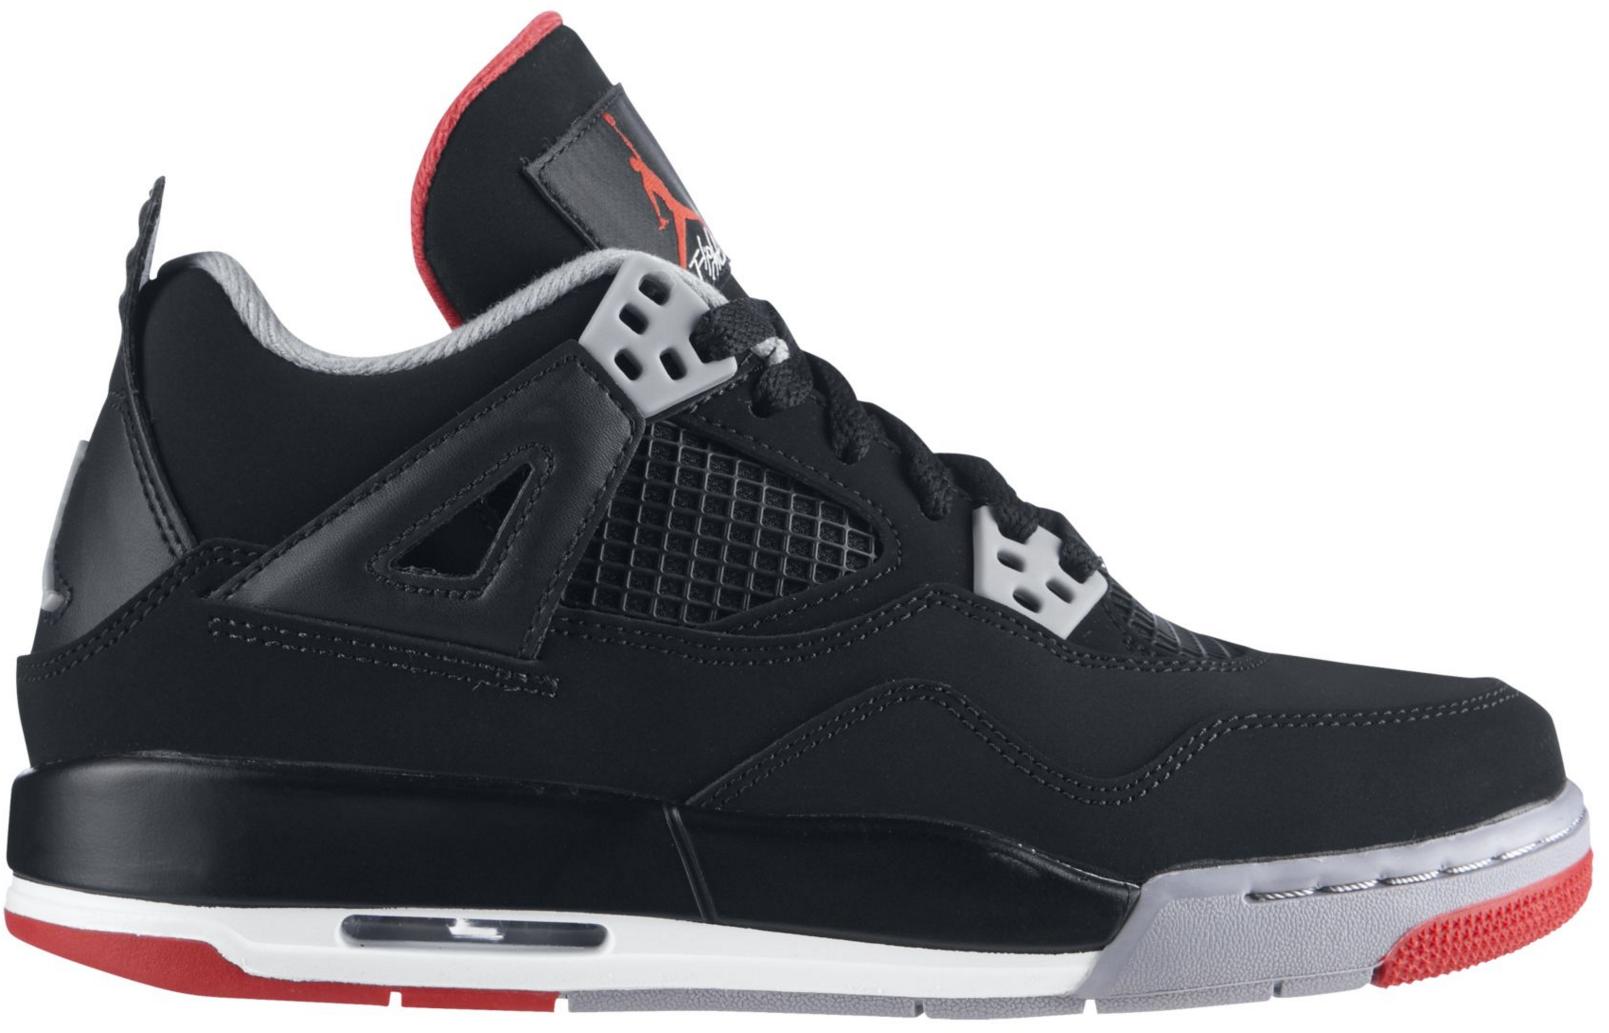 Jordan 4 Retro Black Cement 2012 (GS)